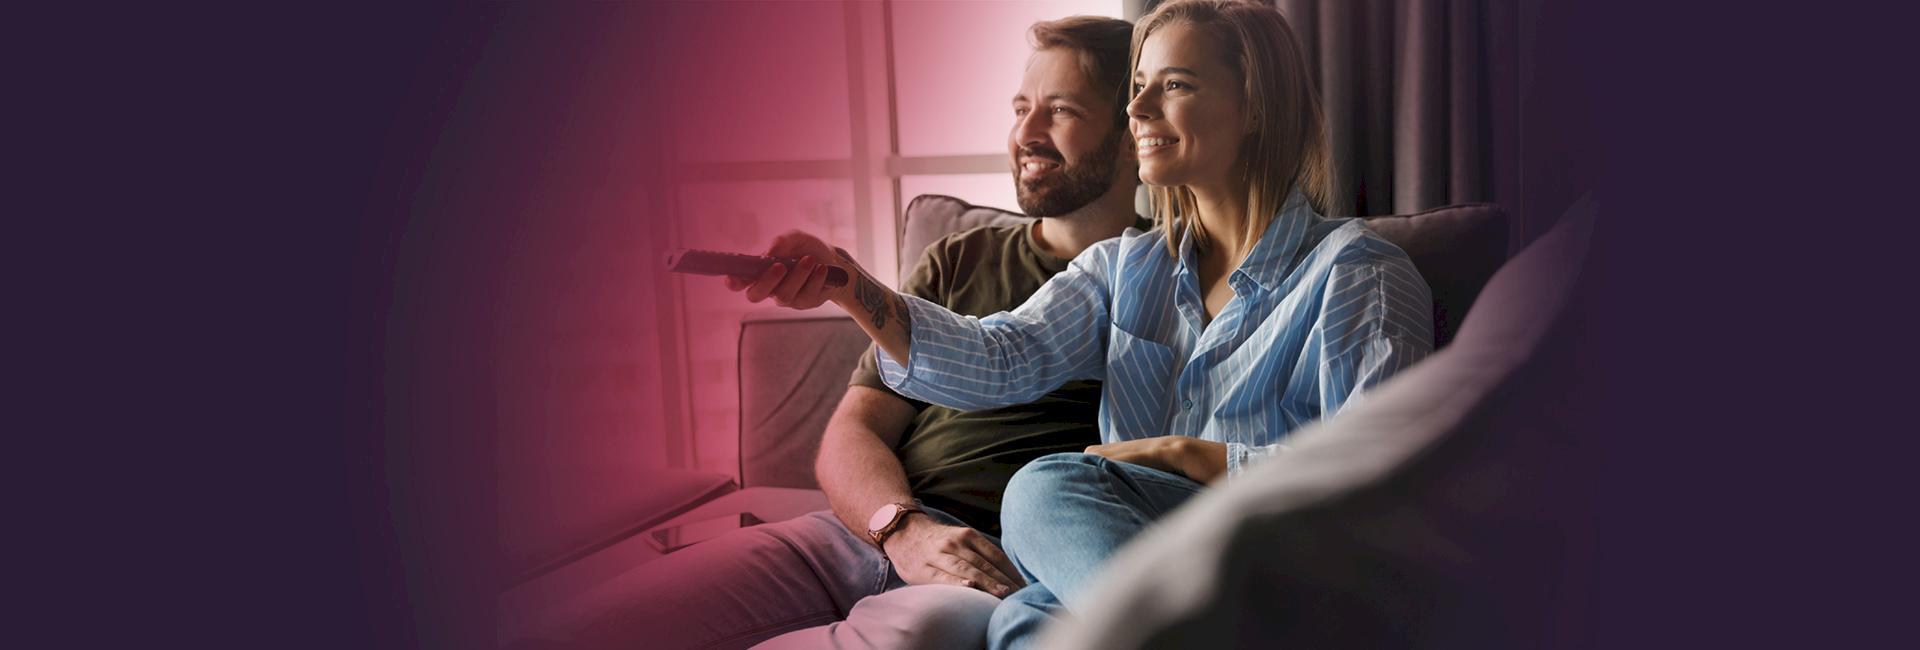 Fibra, móvil y TV